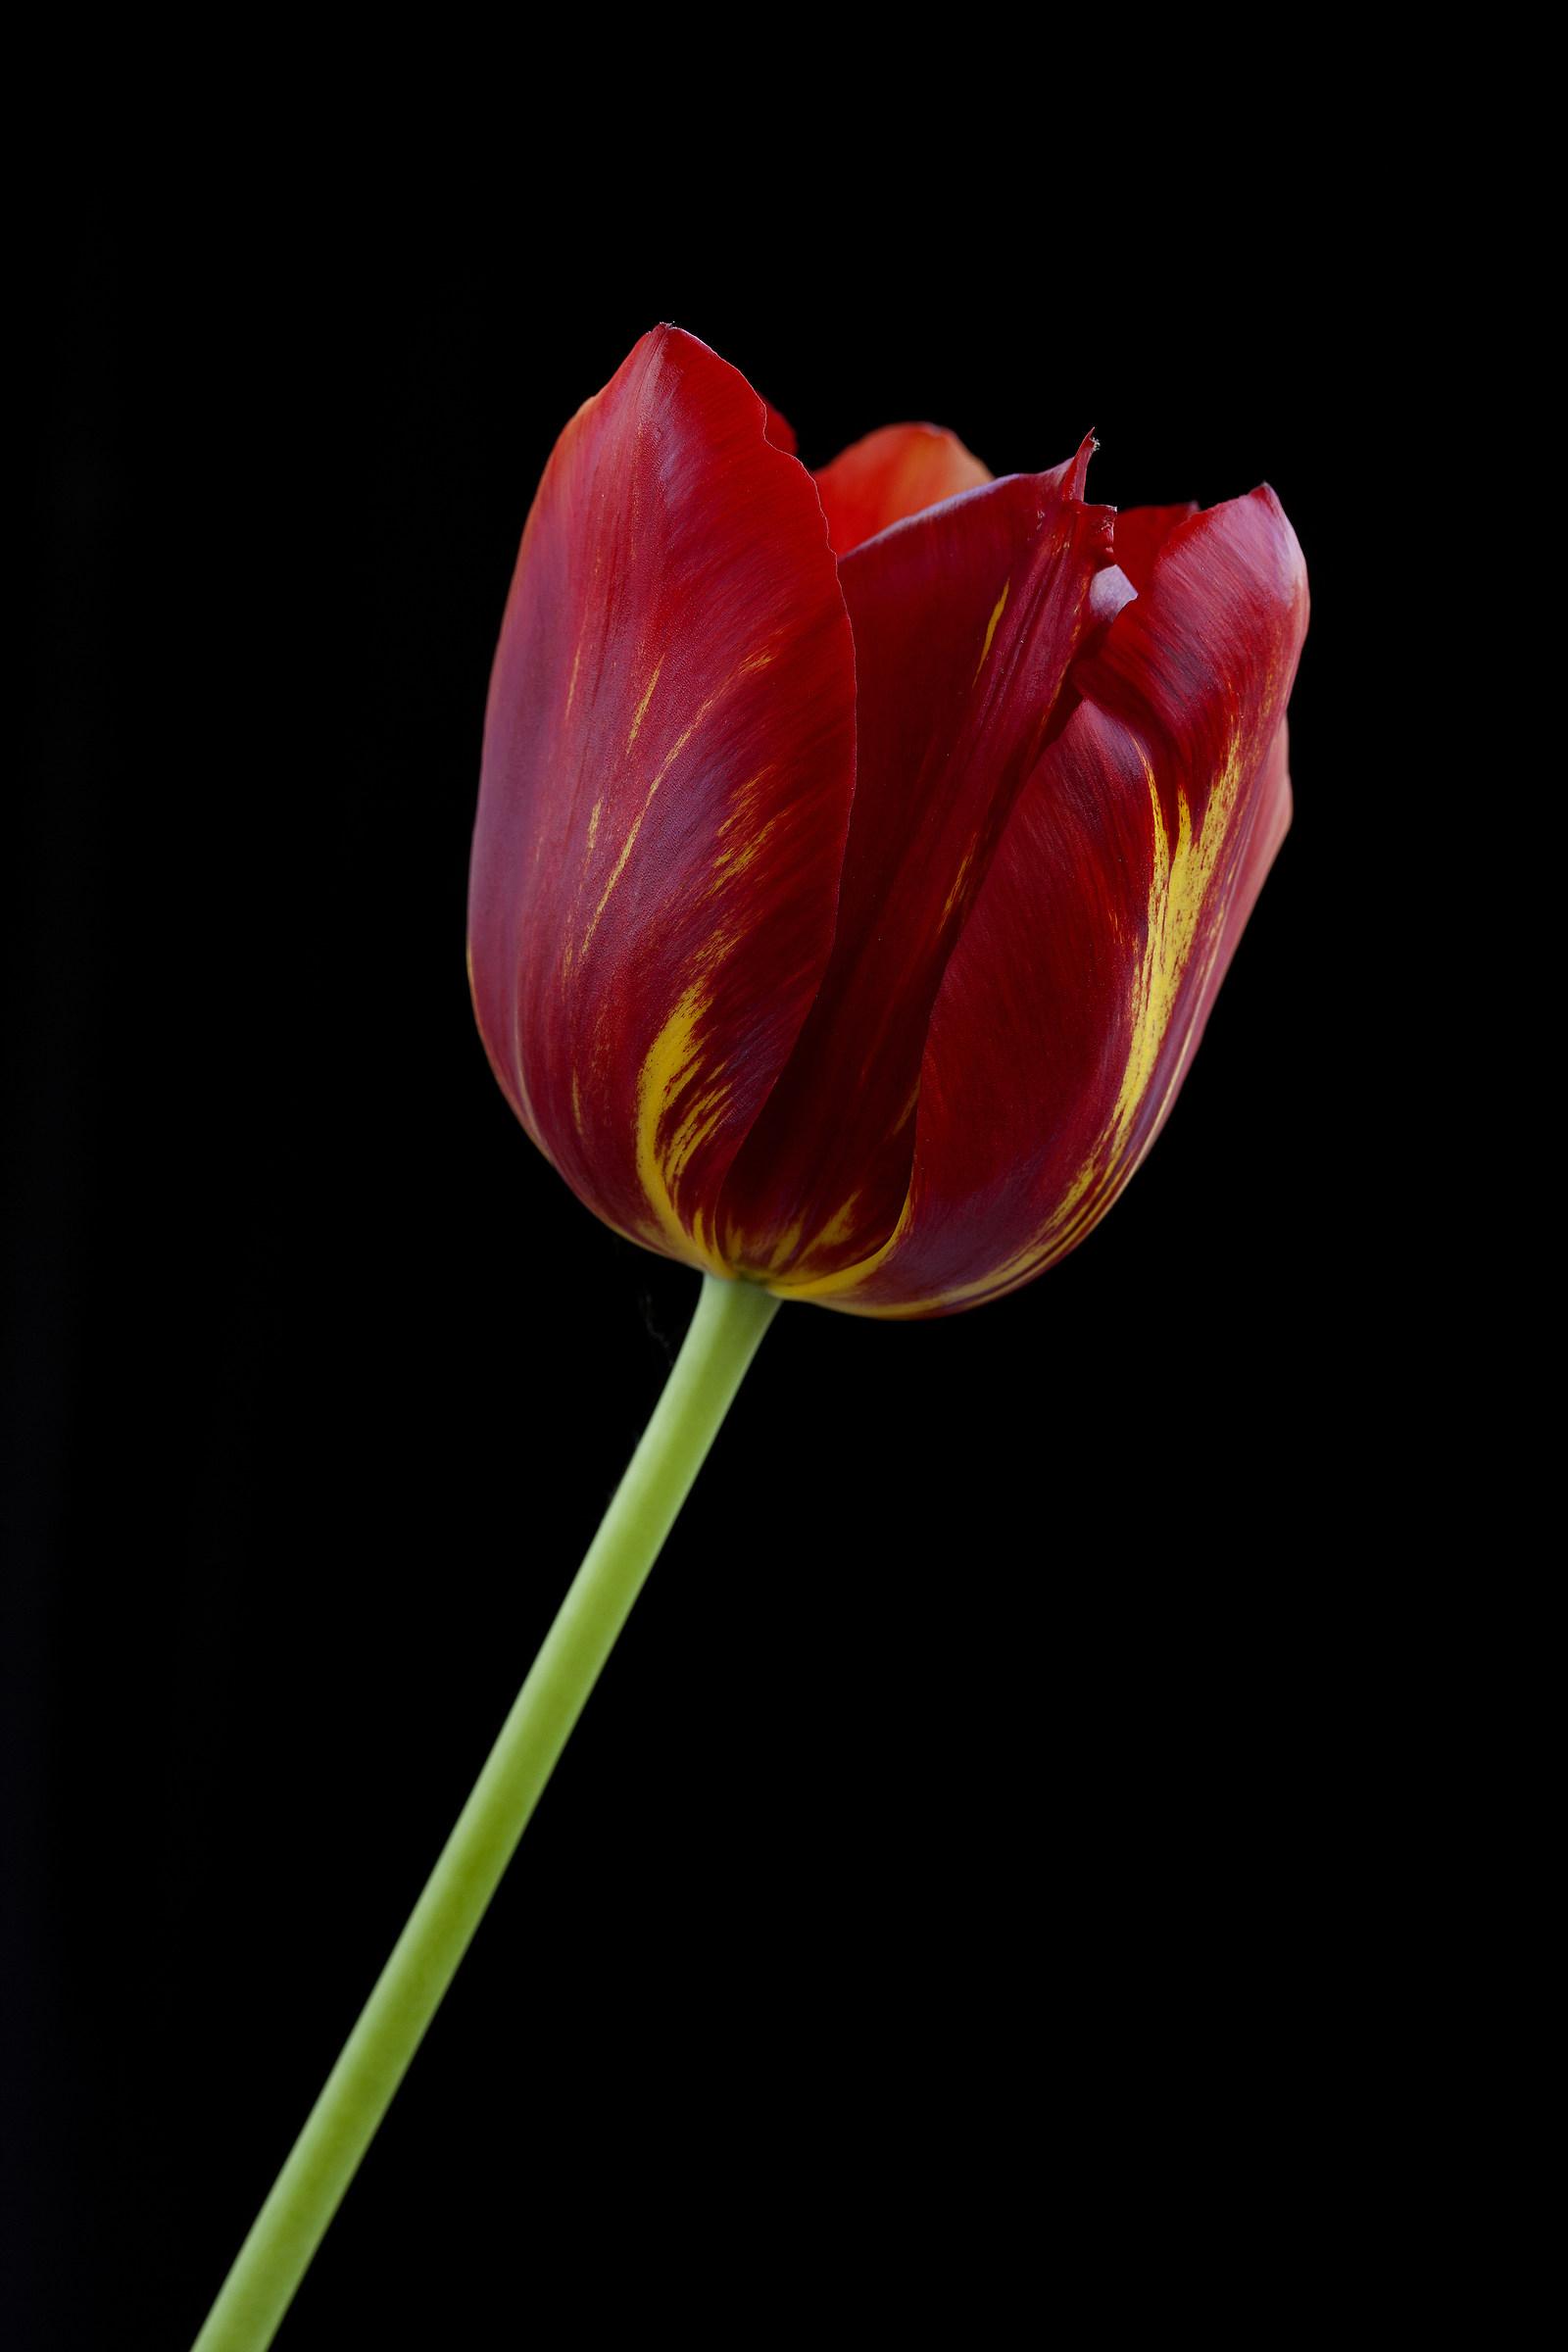 Tulipano rosso...